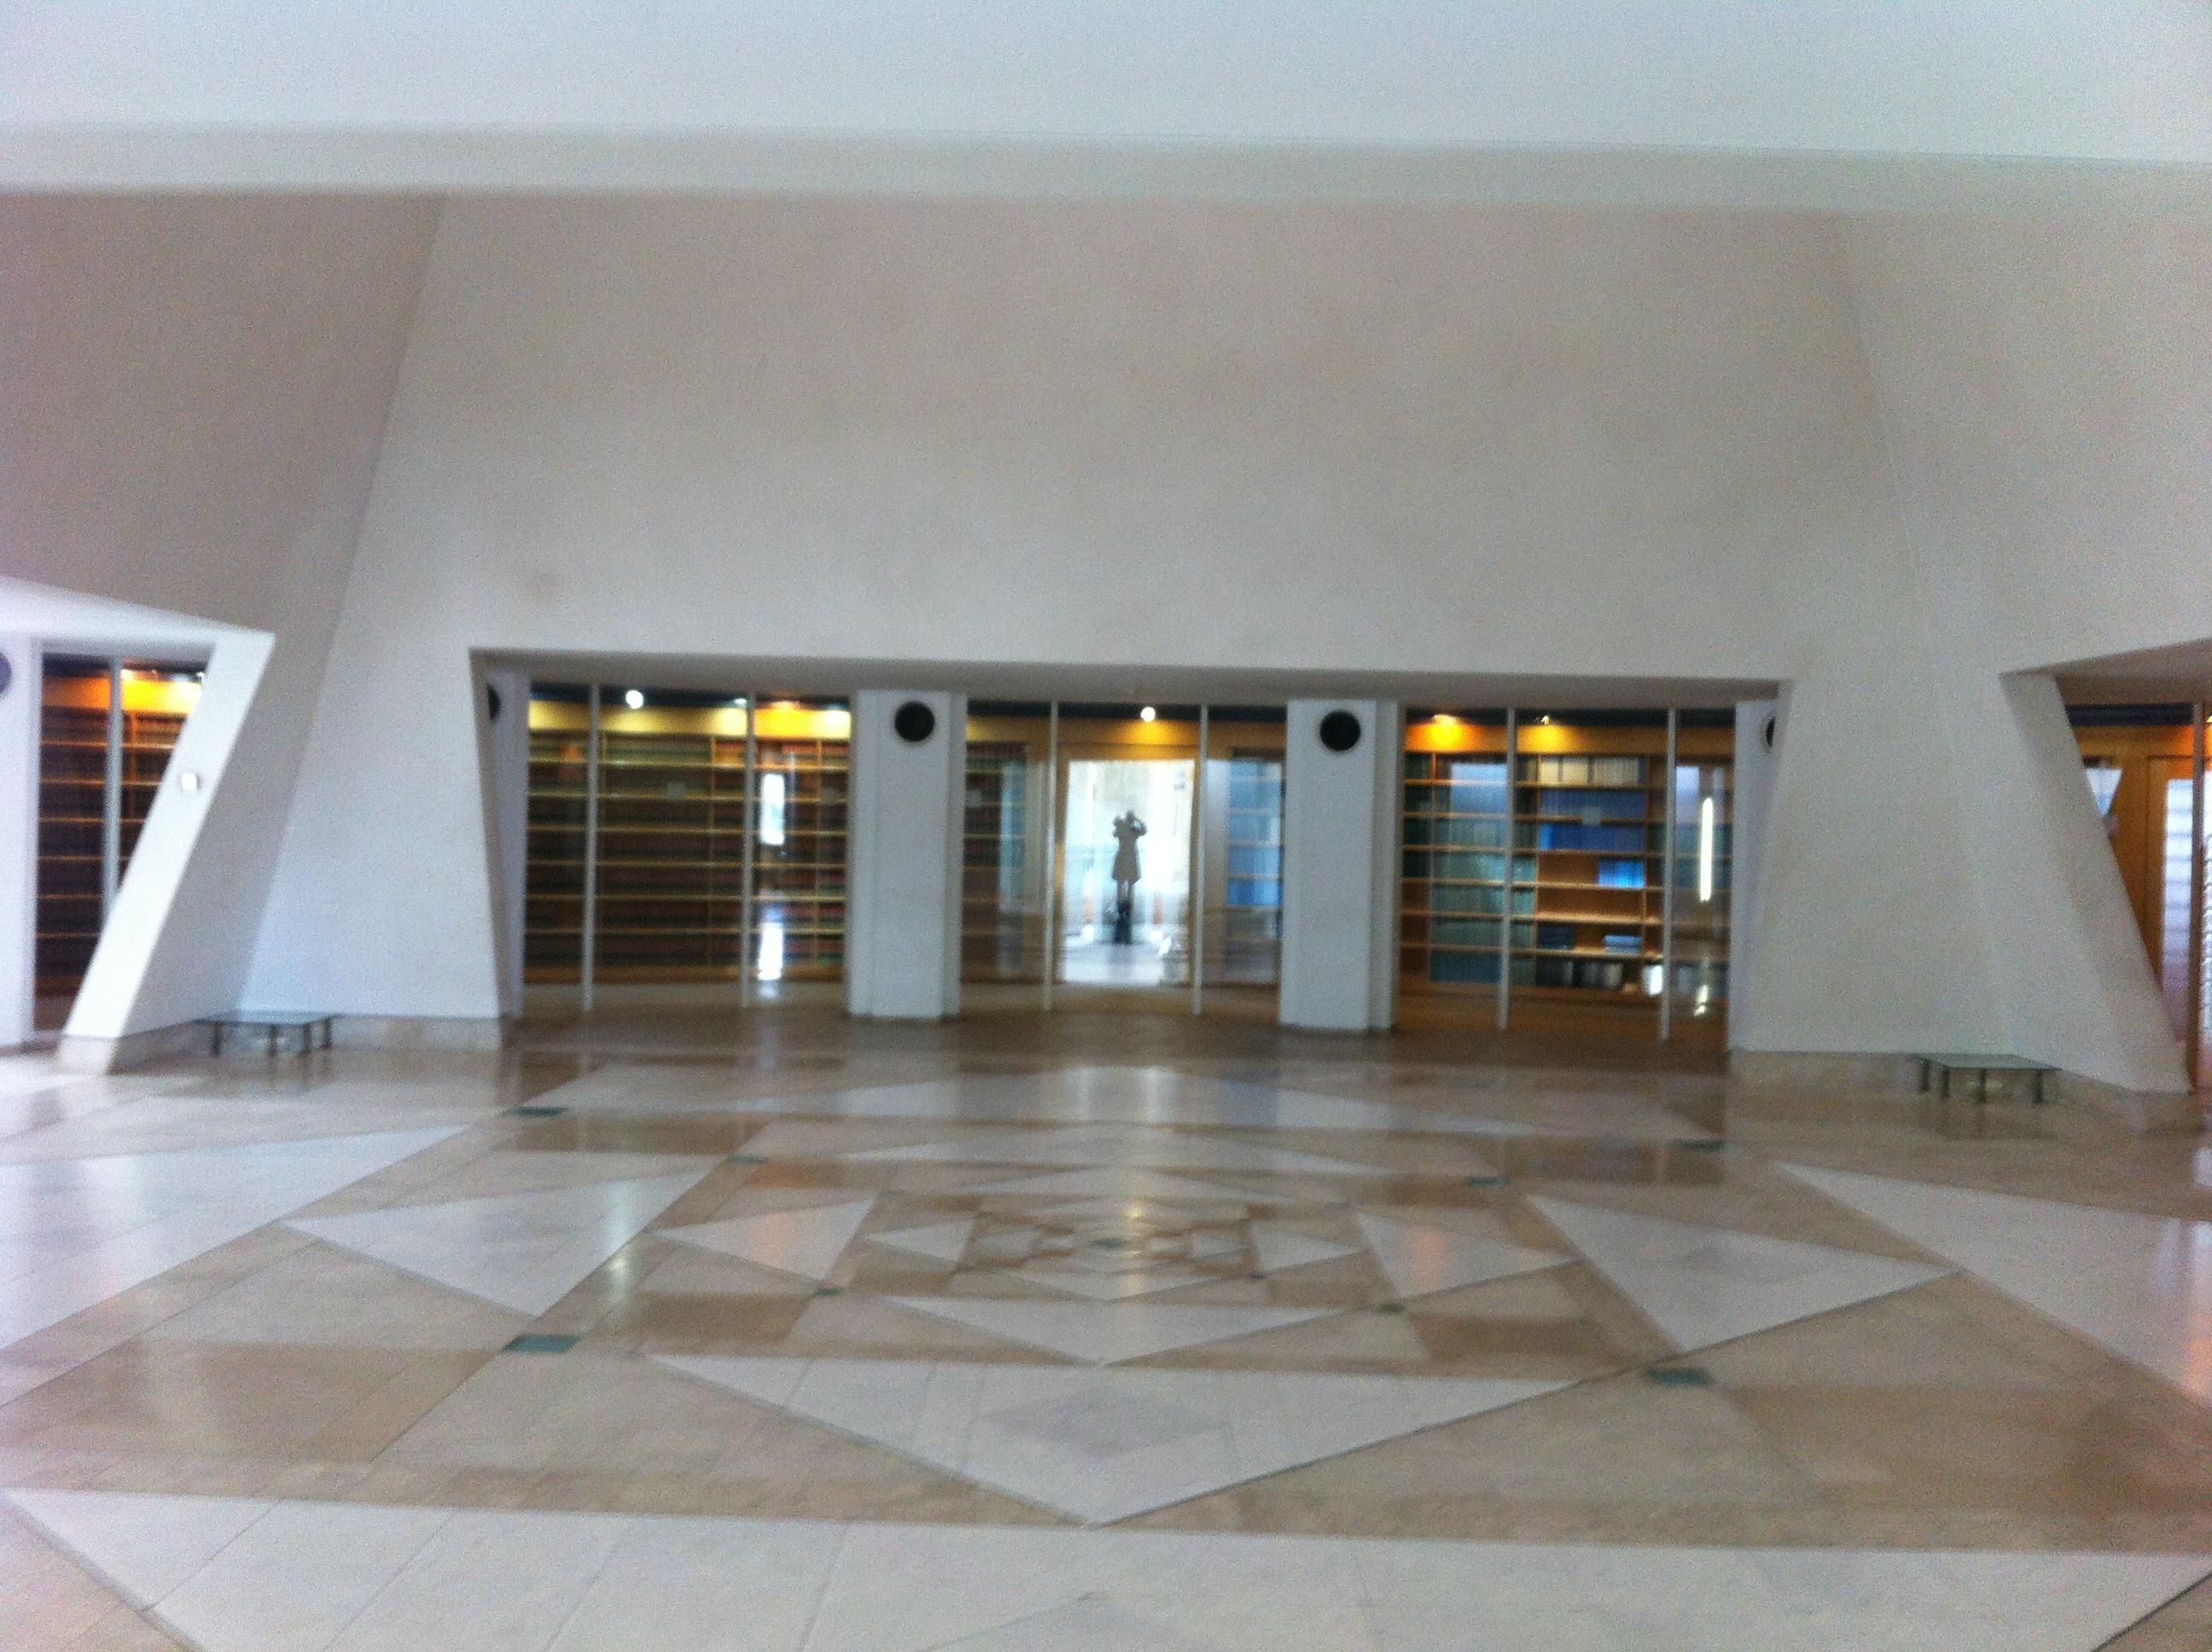 הספריה תחומה בקיר זכוכית המסמל פתיחות ונגישות אל החוק. בית המשפט העליון בירושלים. צילום: כרמל חנני